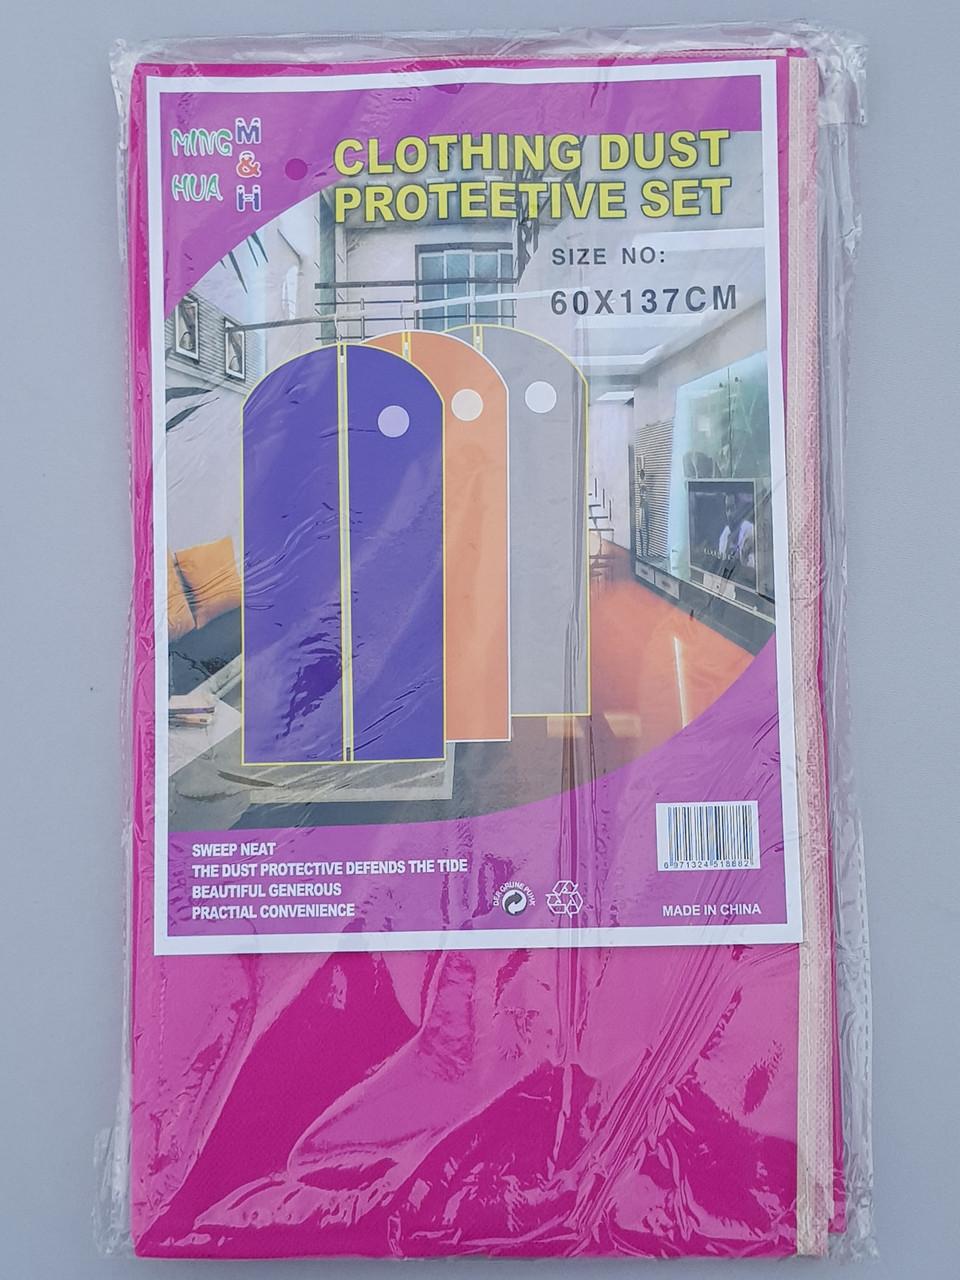 Чехол для хранения и упаковки одежды  на молнии флизелиновый  розового цвета. Размер 60 см*137 см.